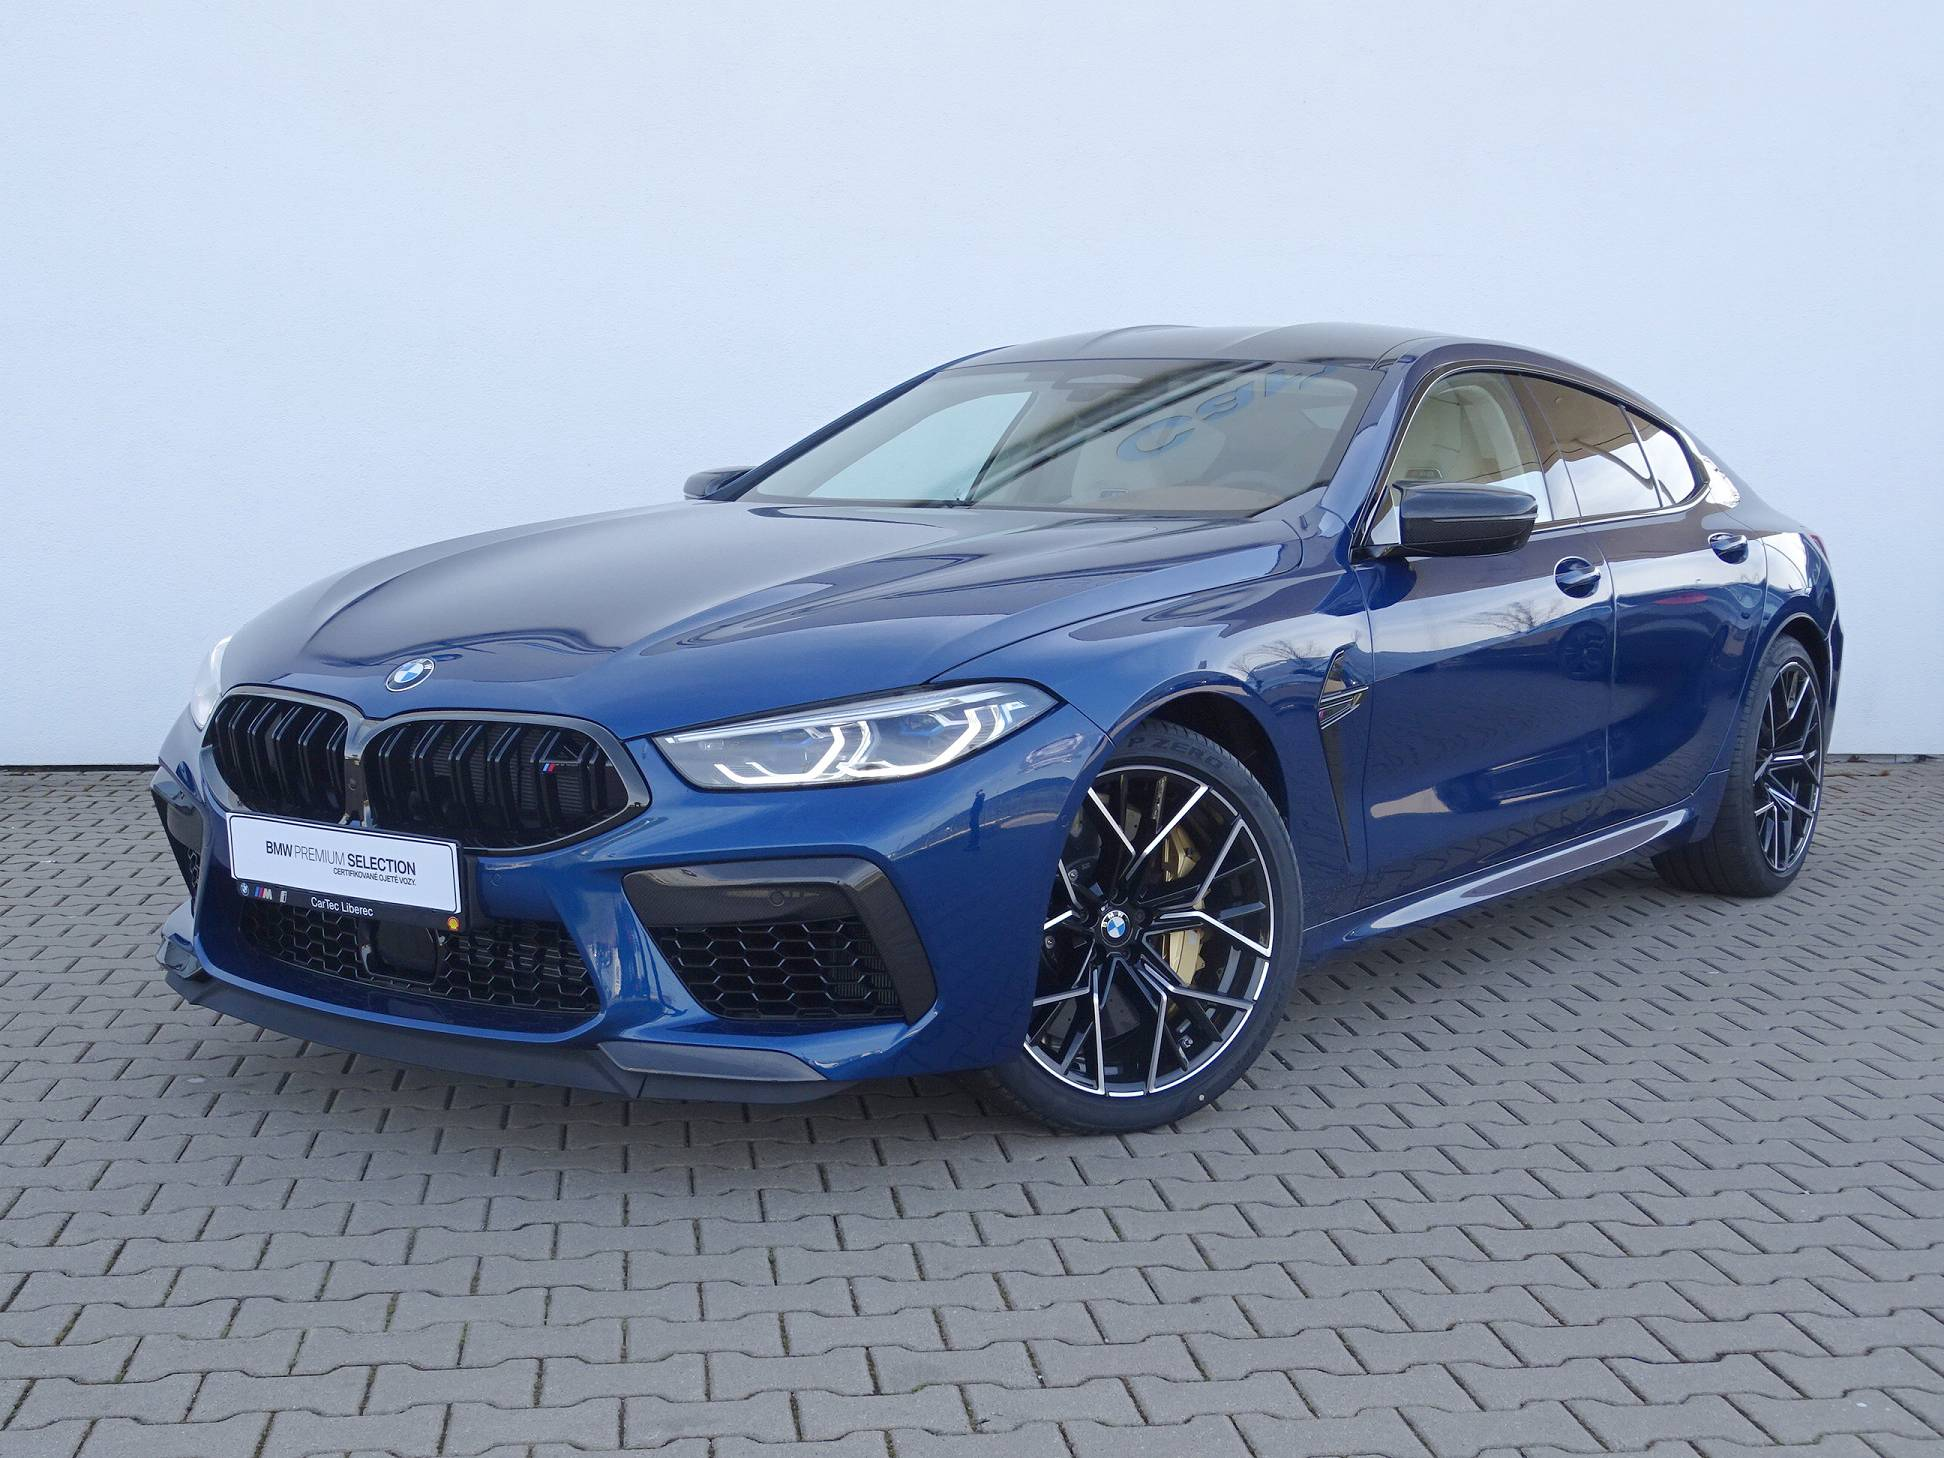 BMW M8 GRAN COUPÉ - české předváděcí auto - max výbava - maximální sleva